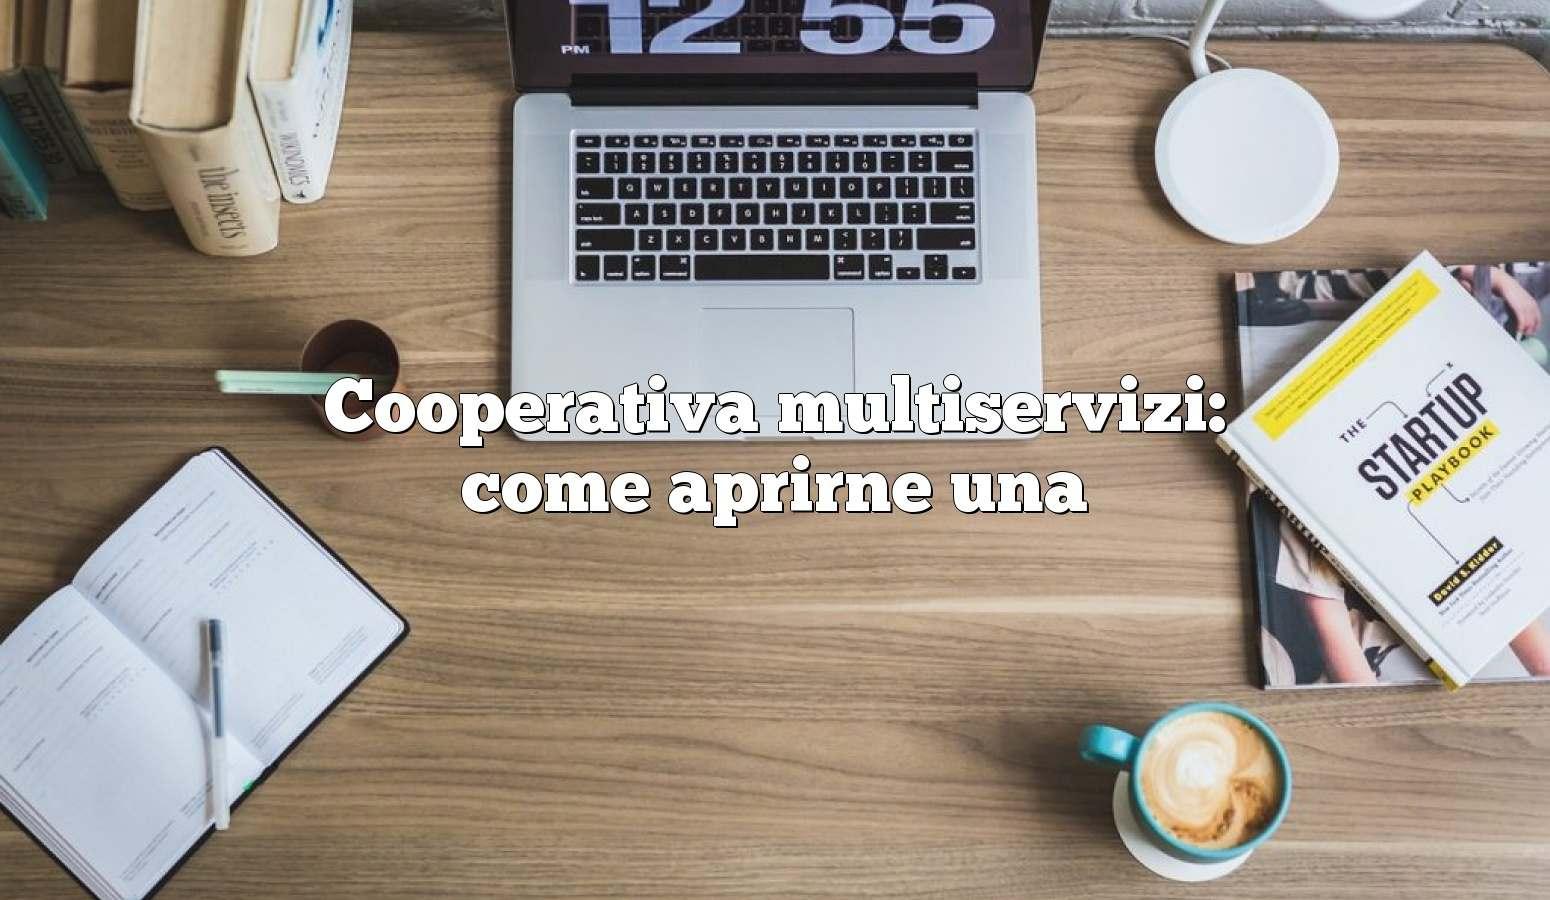 Cooperativa multiservizi: come aprirne una